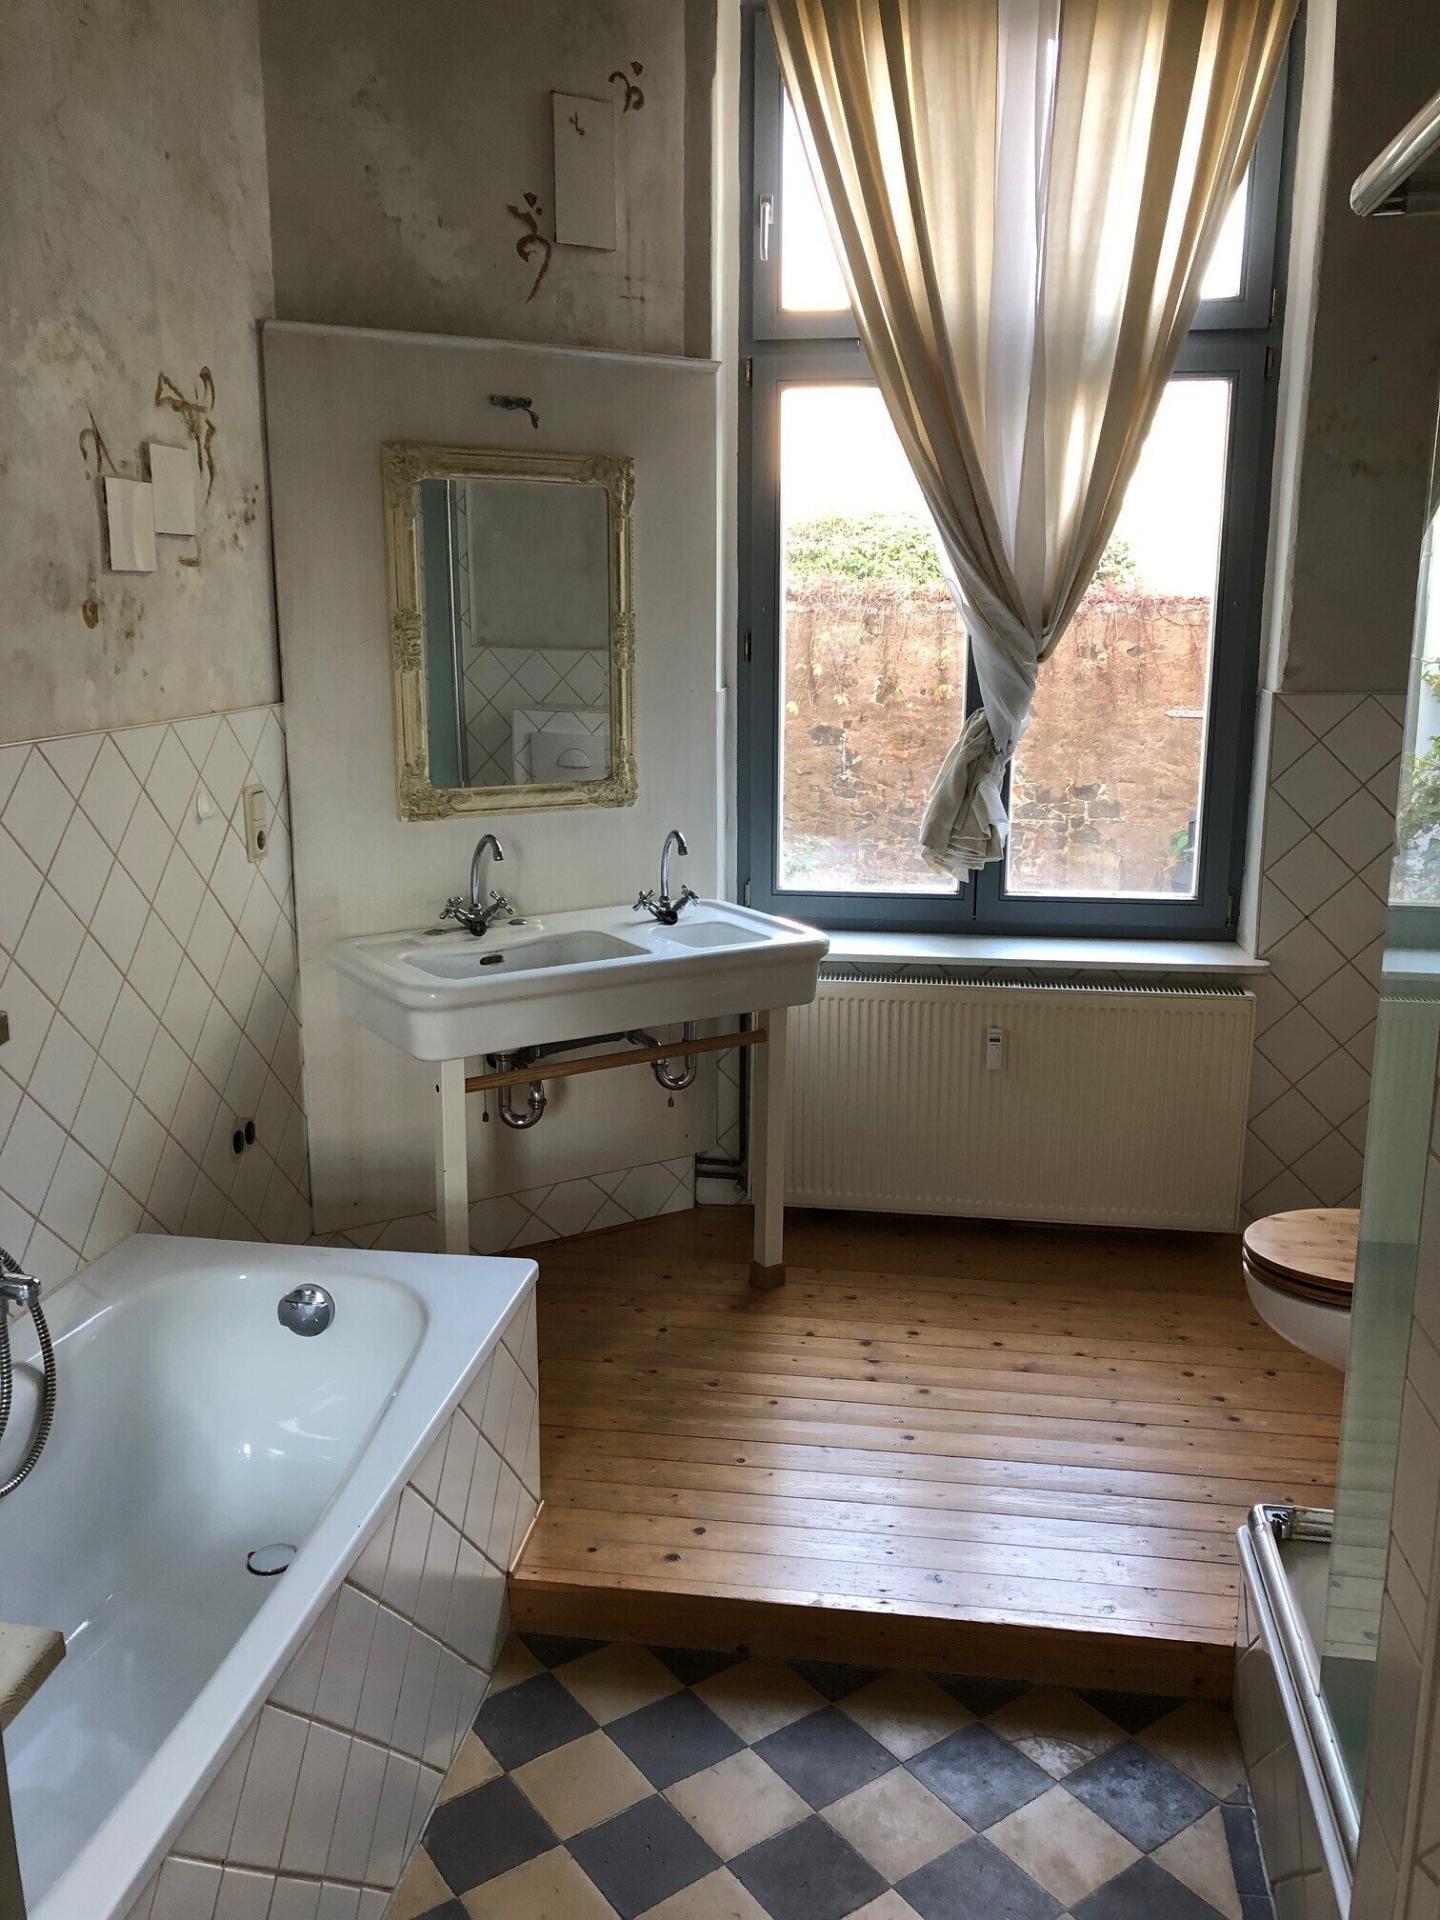 Große Parterre-Wohnung im Gründerzeitstil - 3,5 Räume